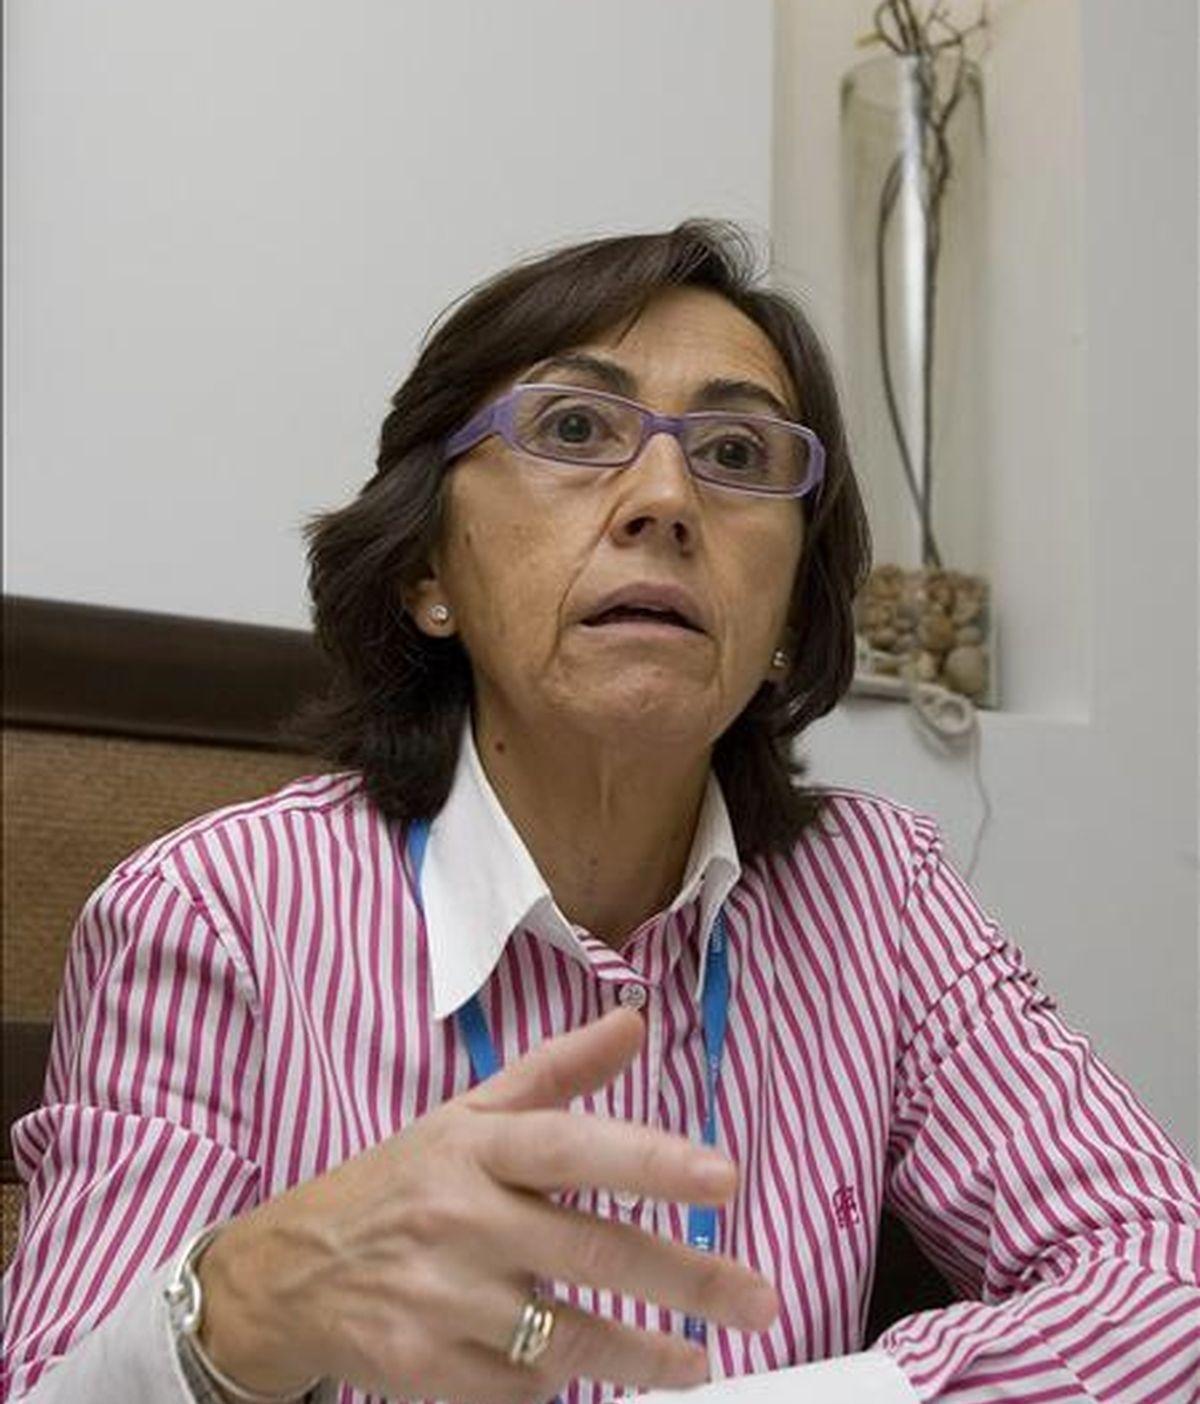 La ministra española de Medio Ambiente, Rosa Aguilar. EFE/Archivo